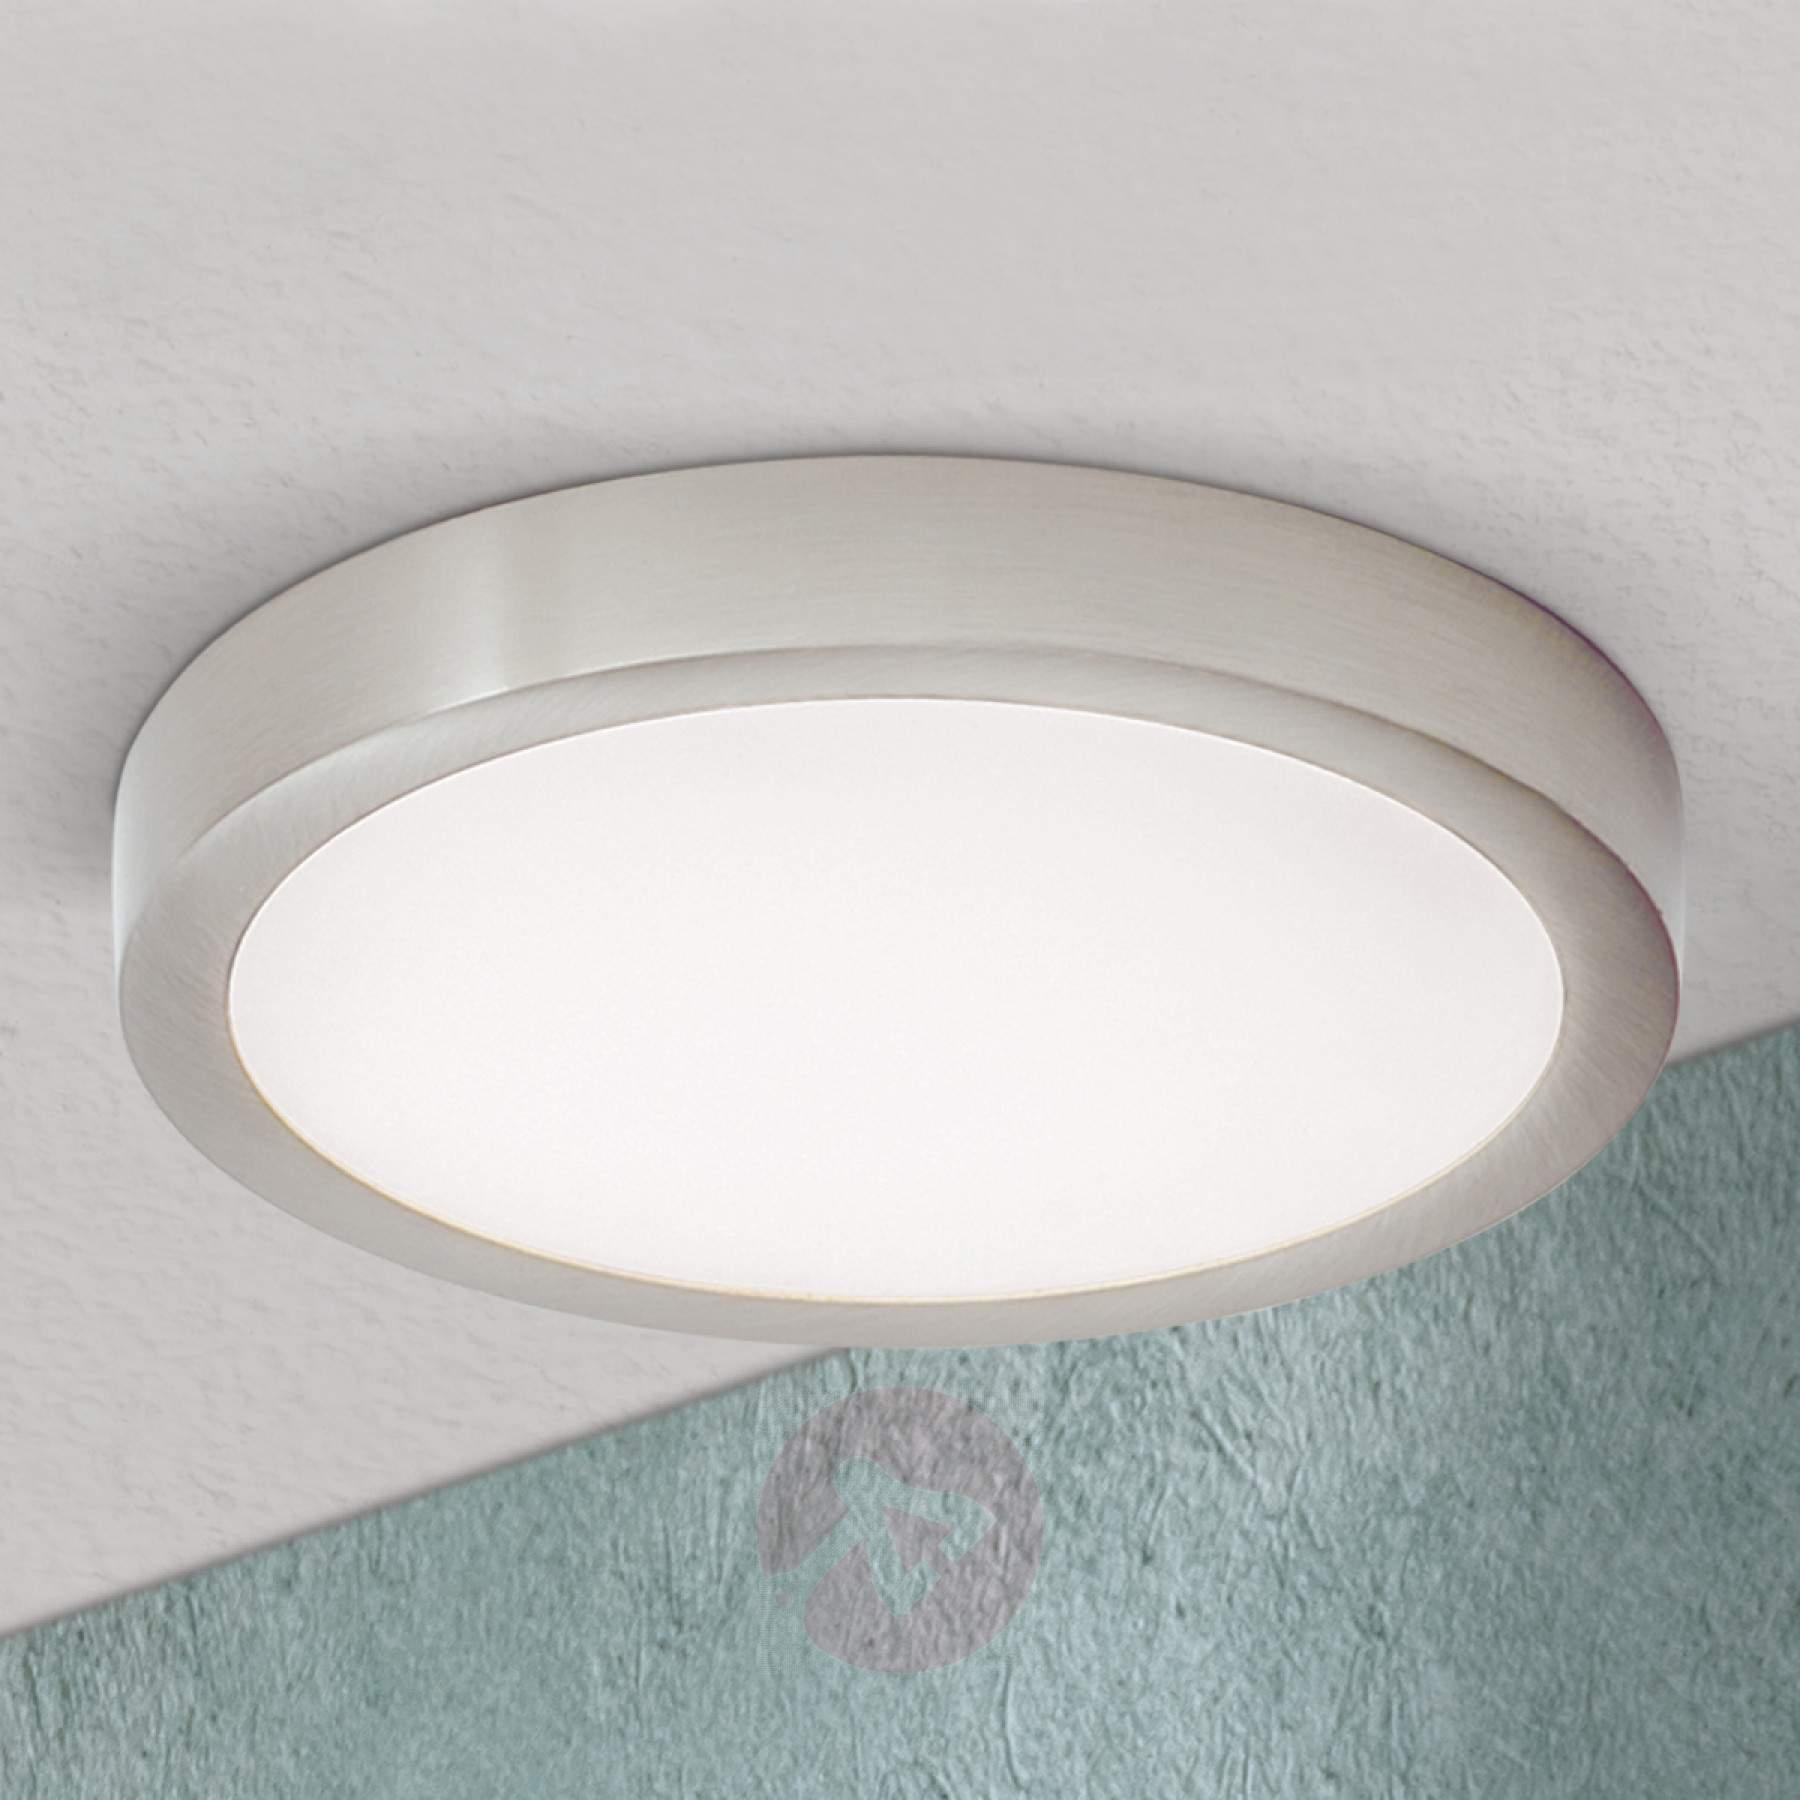 Full Size of Sehr Flache Led Deckenleuchte Vika Kaufen Lampenweltde Stehlampen Wohnzimmer Teppiche Bilder Fürs Wandbilder Einbauleuchten Bad Deckenleuchten Schlafzimmer Wohnzimmer Deckenleuchten Wohnzimmer Led